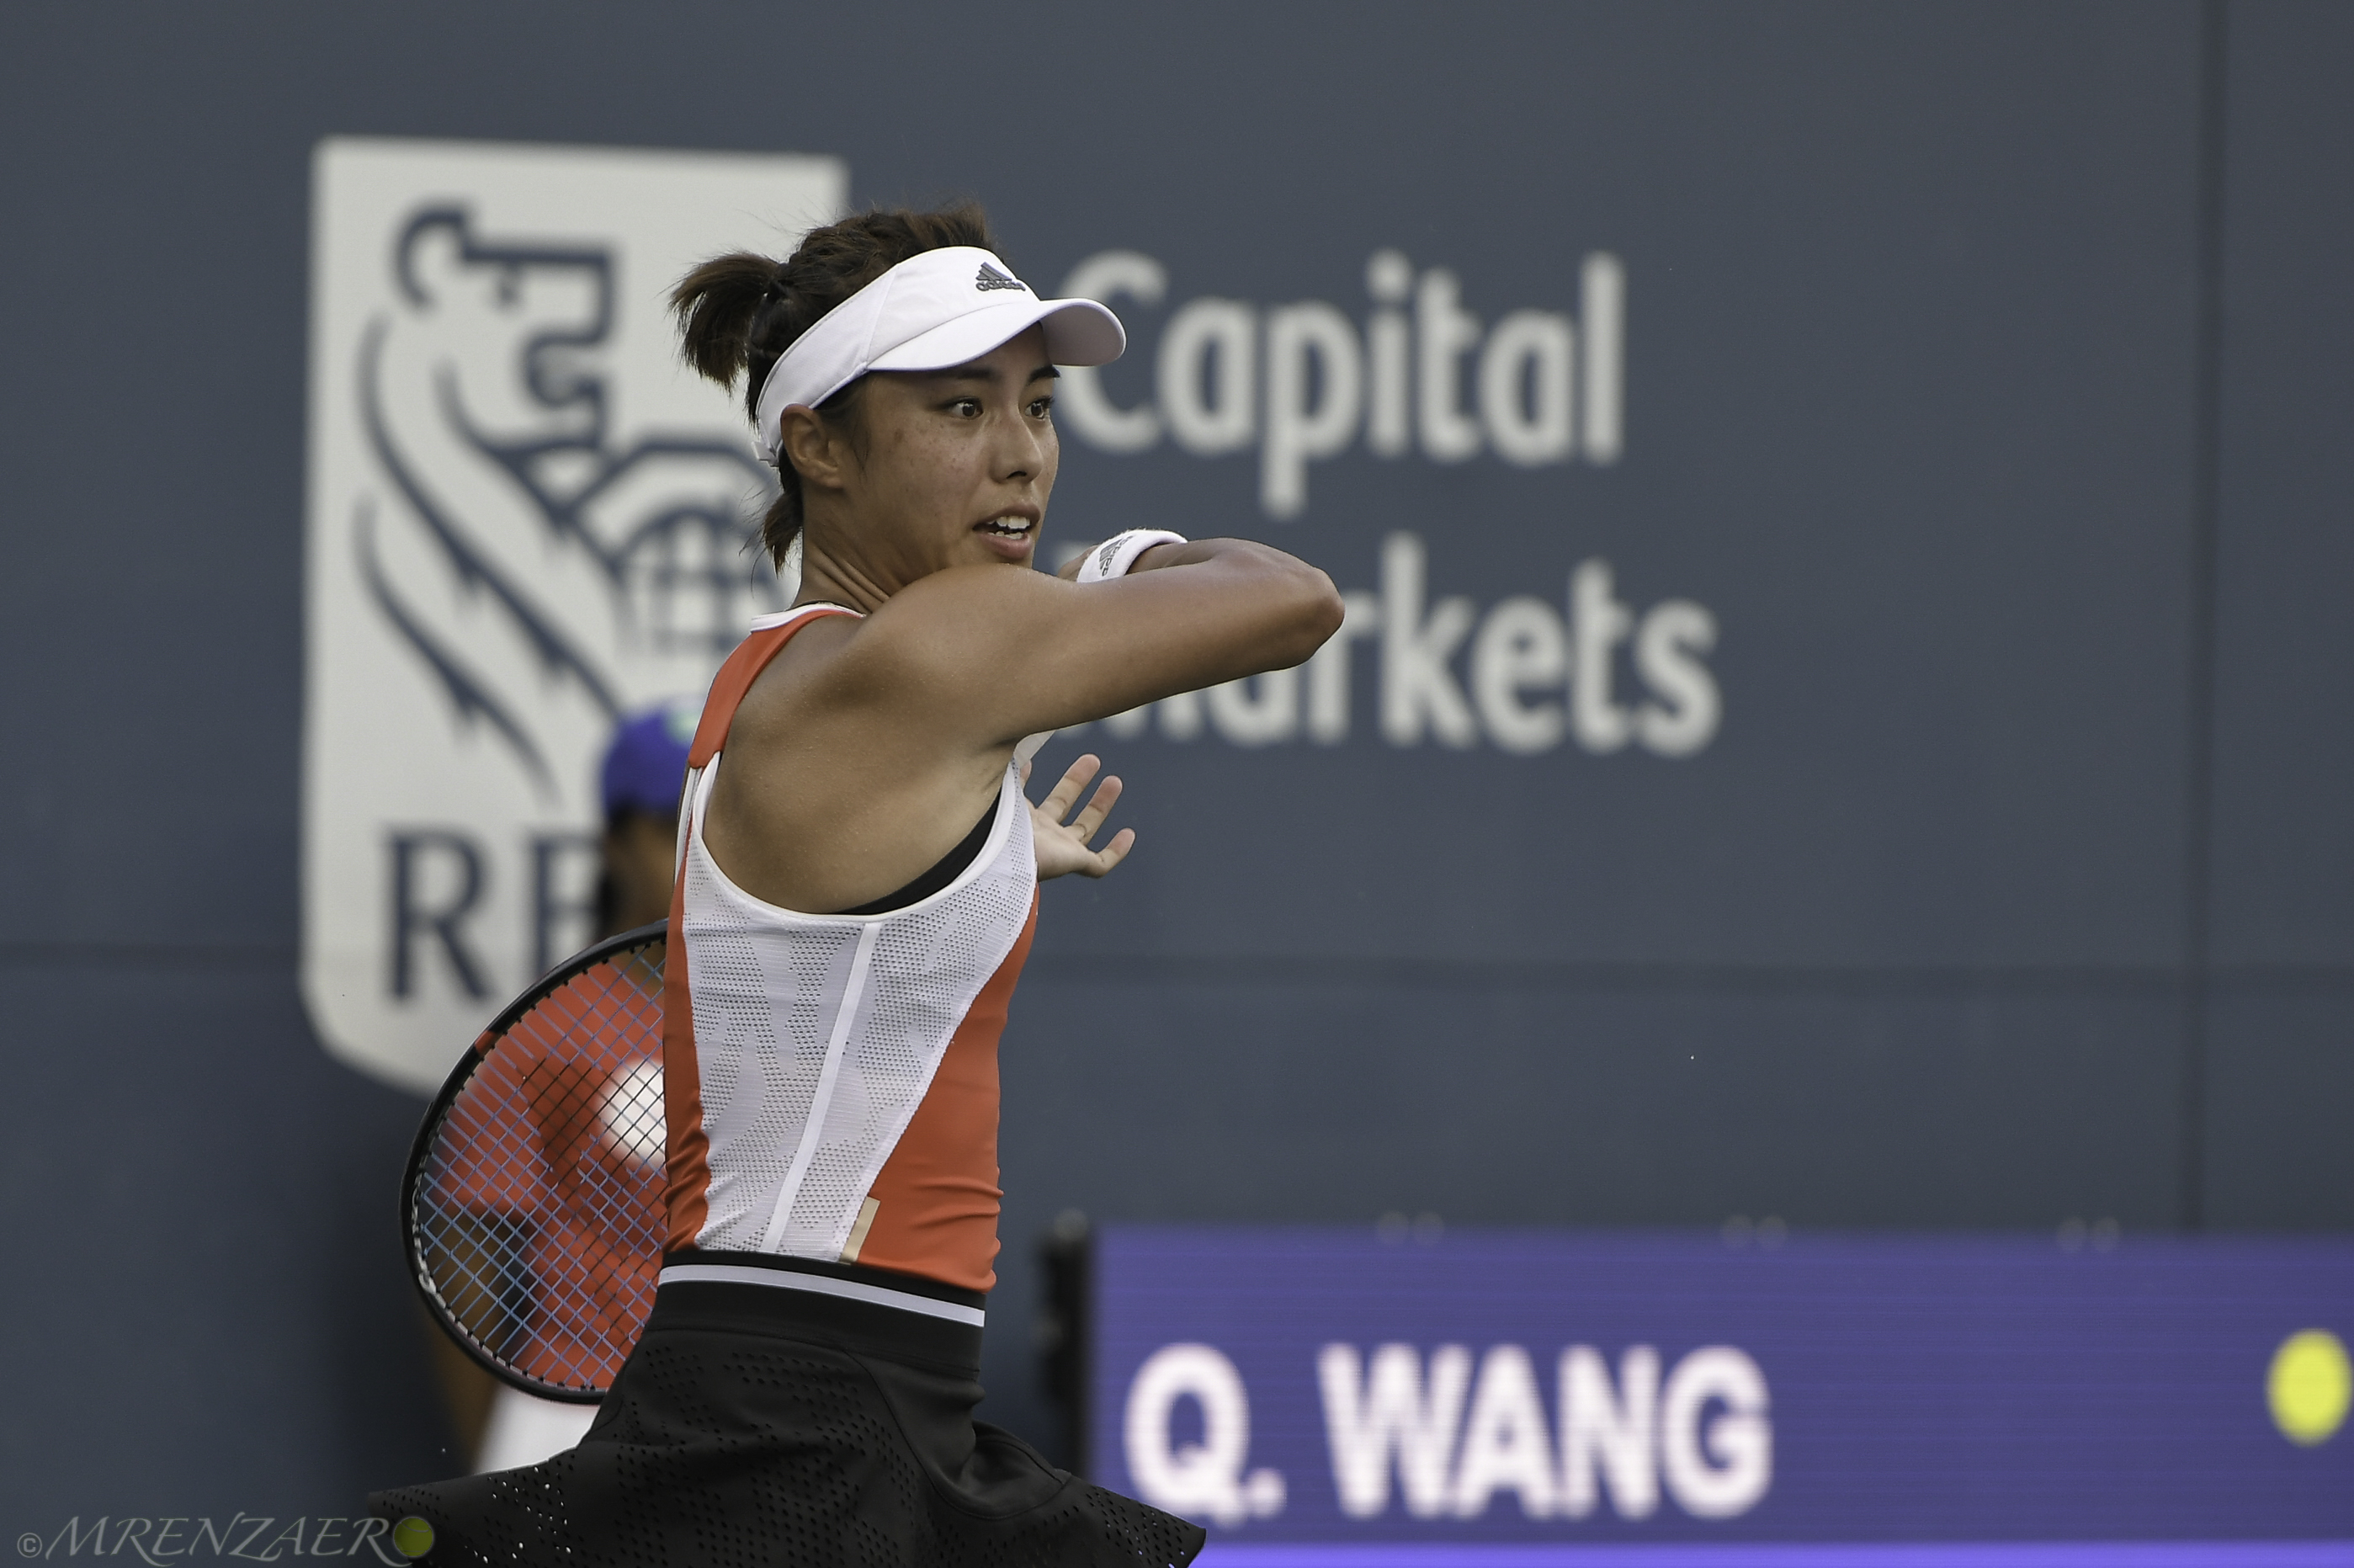 Wang Qiang, 2019 Bronx Open (Photo: Mike Renz for TennisAtlantic.com)